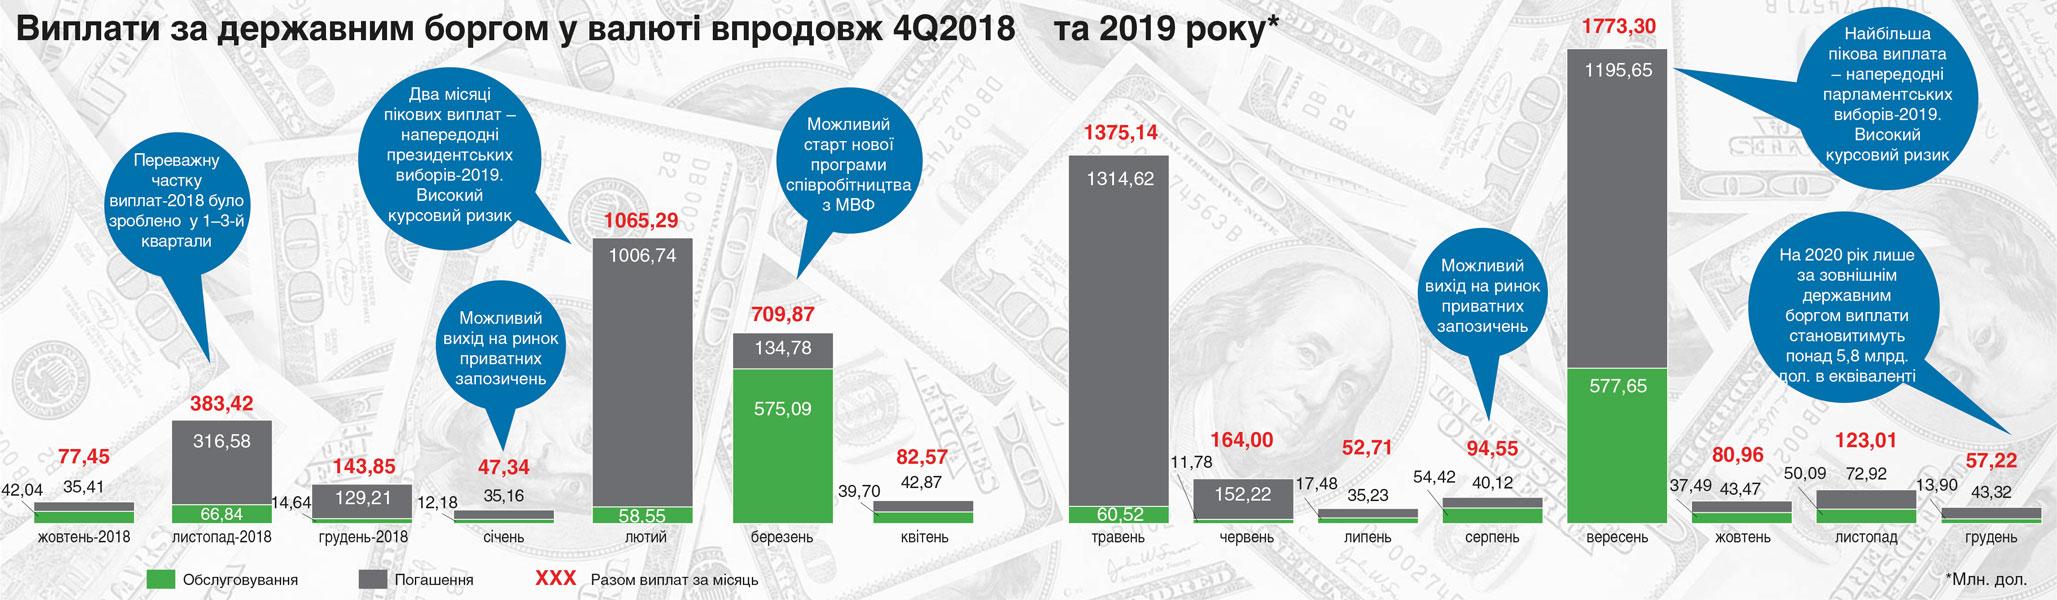 Выплаты по госдолгу в валюте на протяжении 4Q2018 и 2019 года